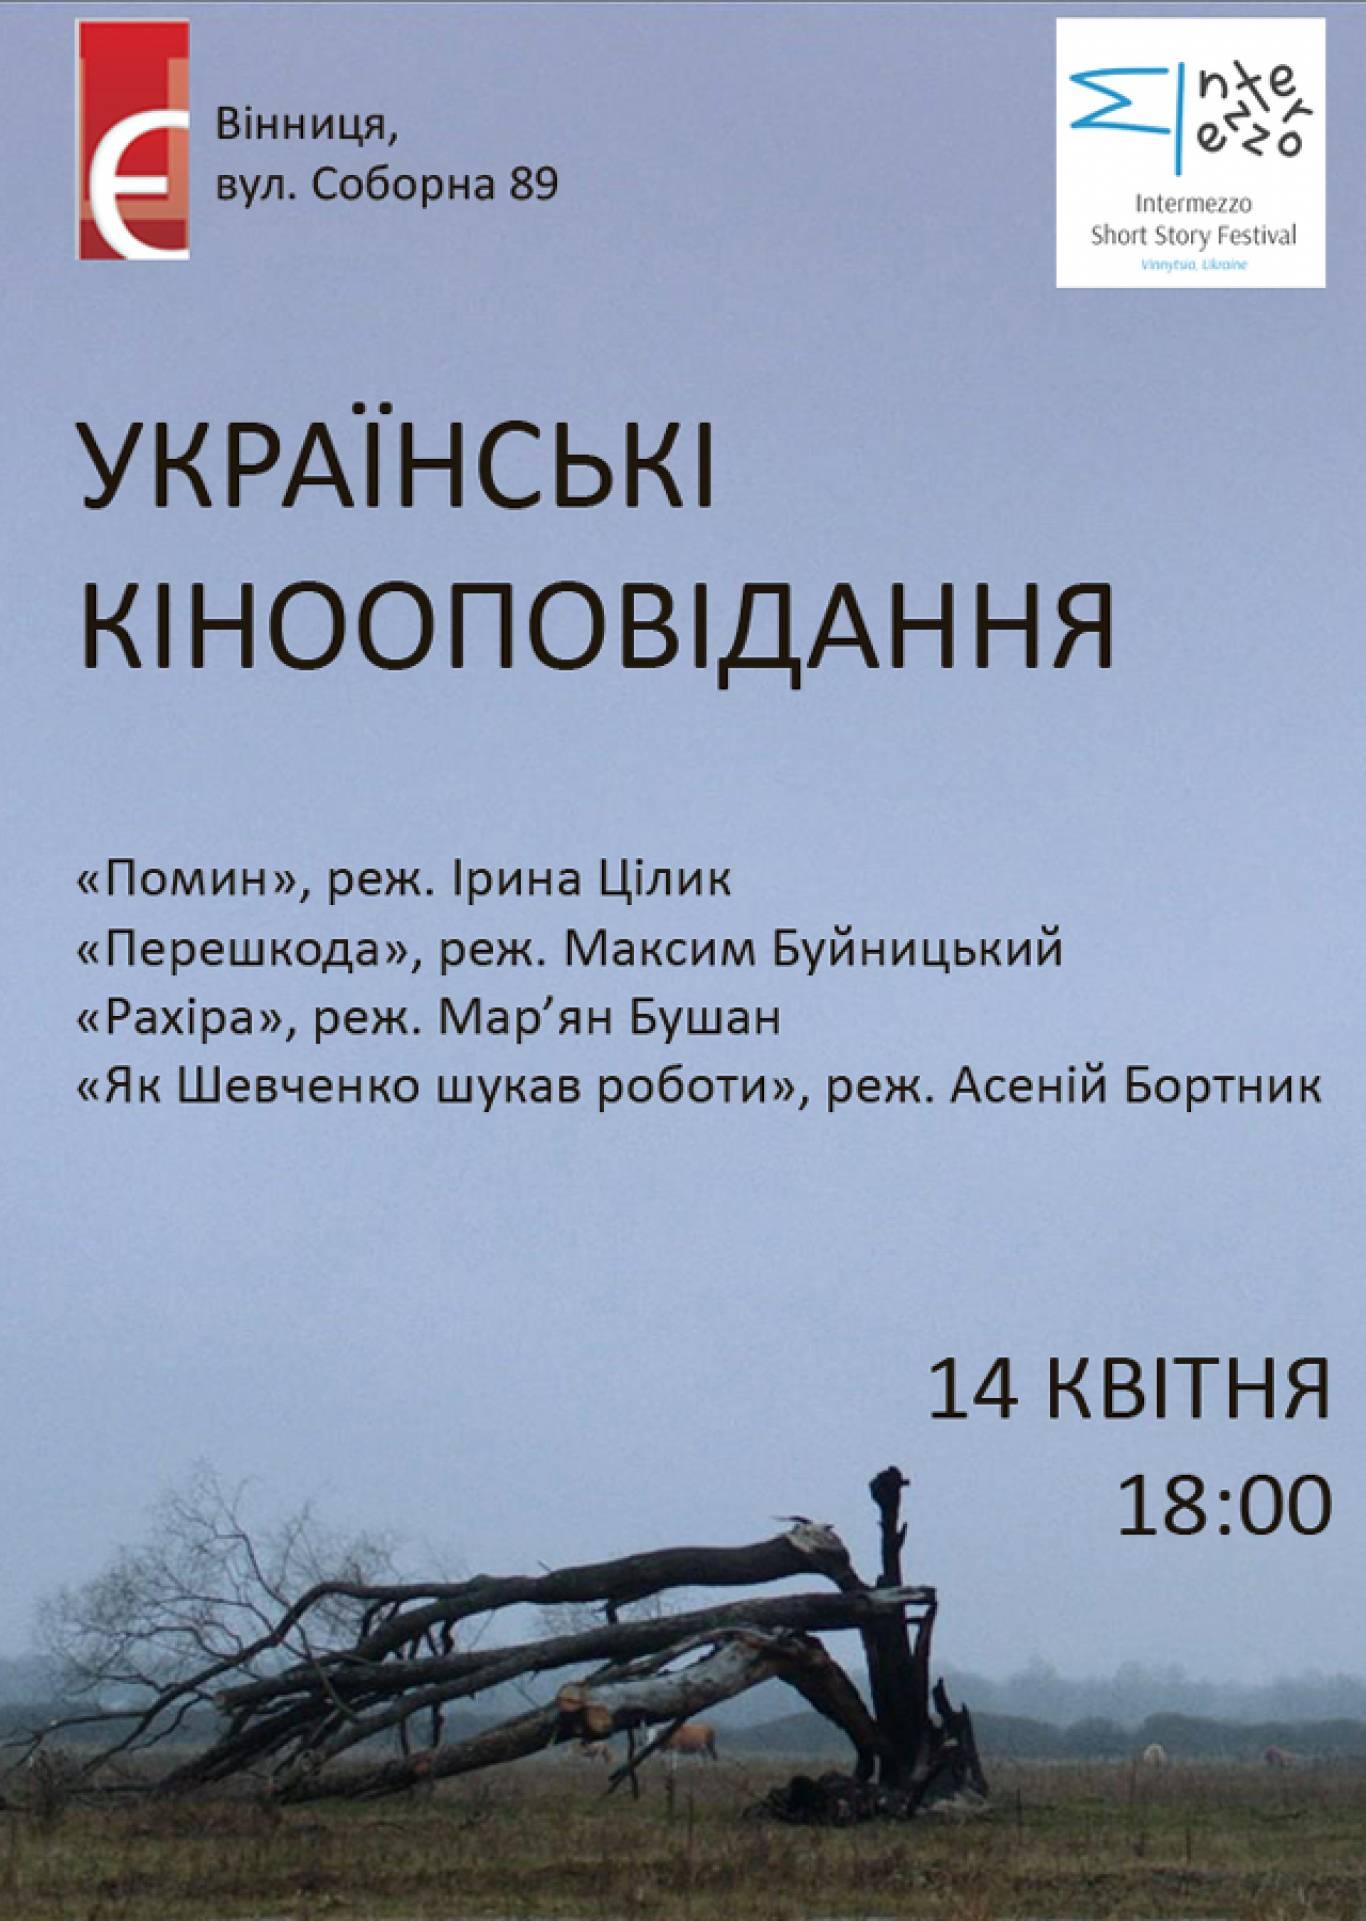 Показ кінооповідань від фестивалю «Intermezzo»